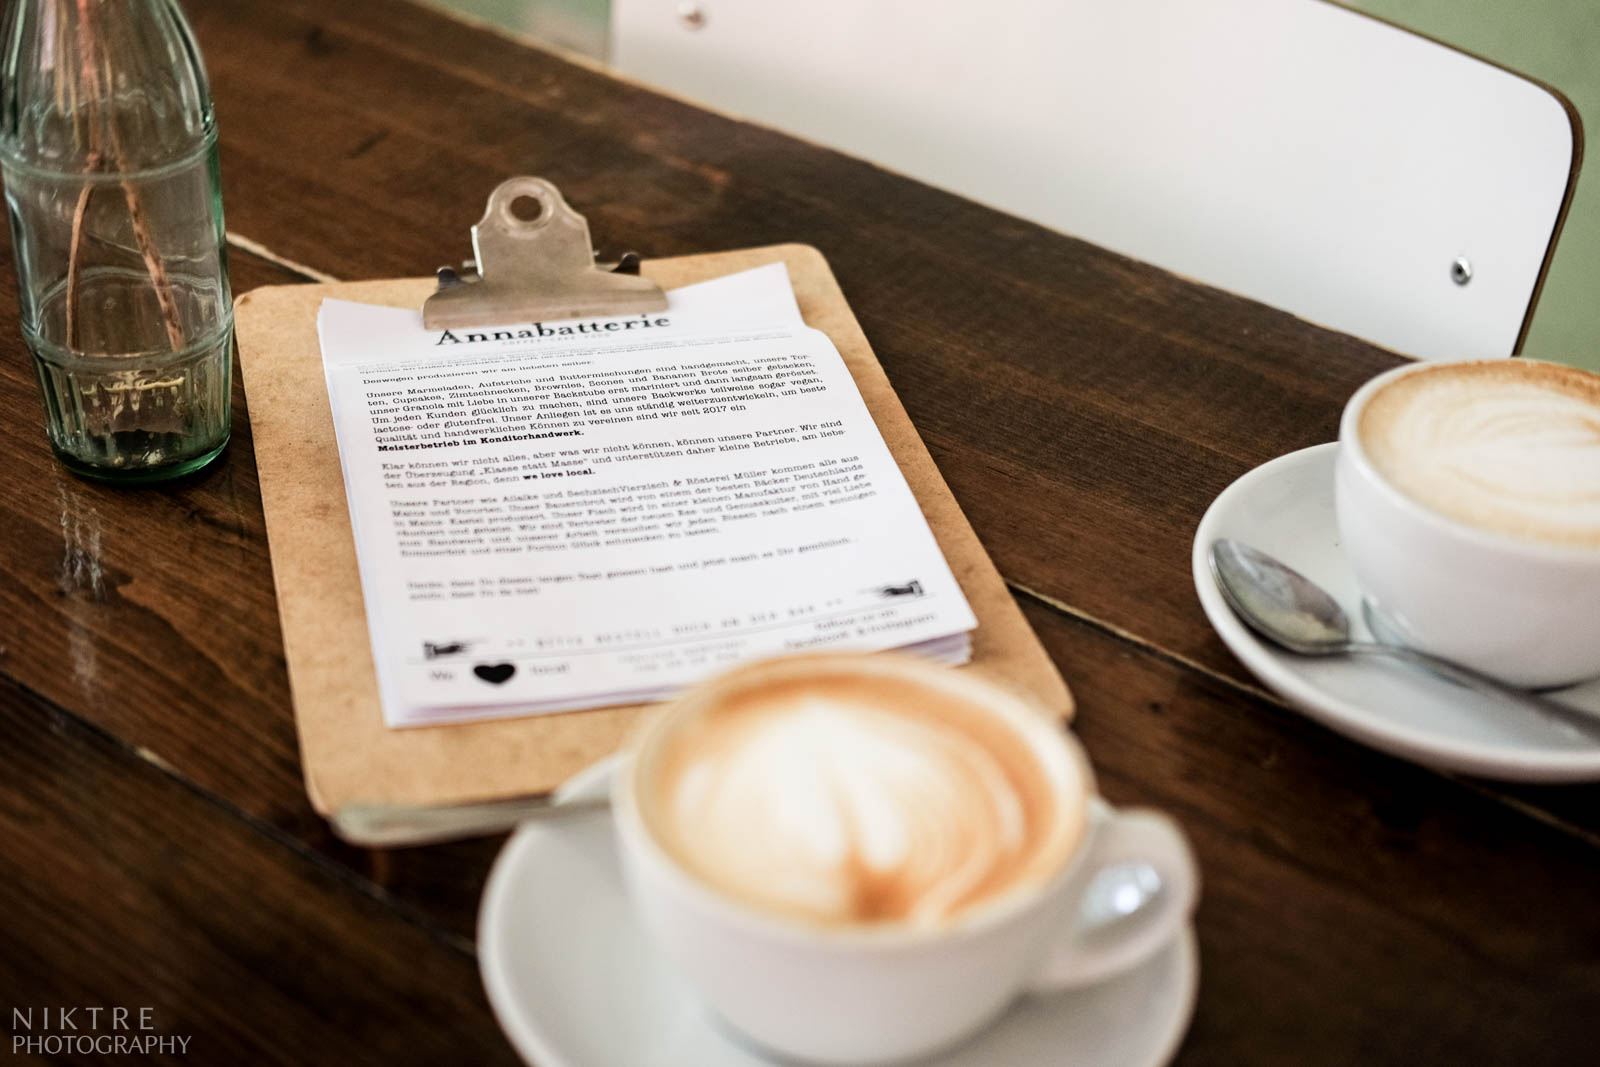 Speisekarte und eine Tasse Kaffee auf dem Tisch in Cafe